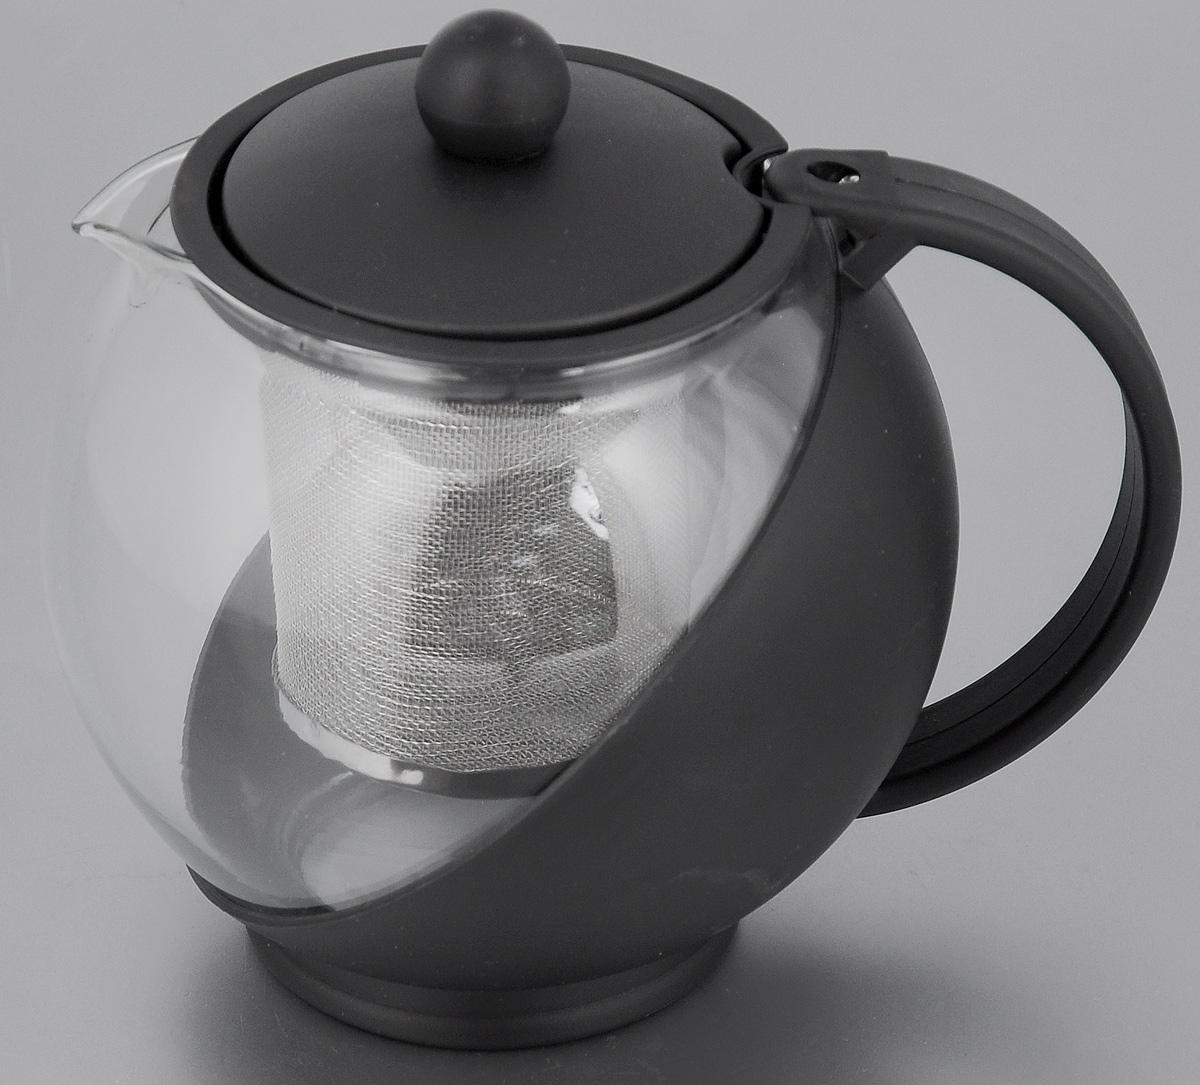 Чайник заварочный Mayer & Boch, с фильтром, цвет: прозрачный, черный, 750 мл. 2573825738_черныйЗаварочный чайник Mayer & Boch изготовлен из жаропрочного стекла и полипропилена. Чай в таком чайнике дольше остается горячим, а полезные и ароматические вещества полностью сохраняются в напитке. Чайник оснащен фильтром из нержавеющей стали и крышкой. Простой и удобный чайник поможет вам приготовить крепкий, ароматный чай. Диаметр чайника (по верхнему краю): 8 см. Высота чайника (без учета крышки): 11,5 см. Высота фильтра: 7,2 см.